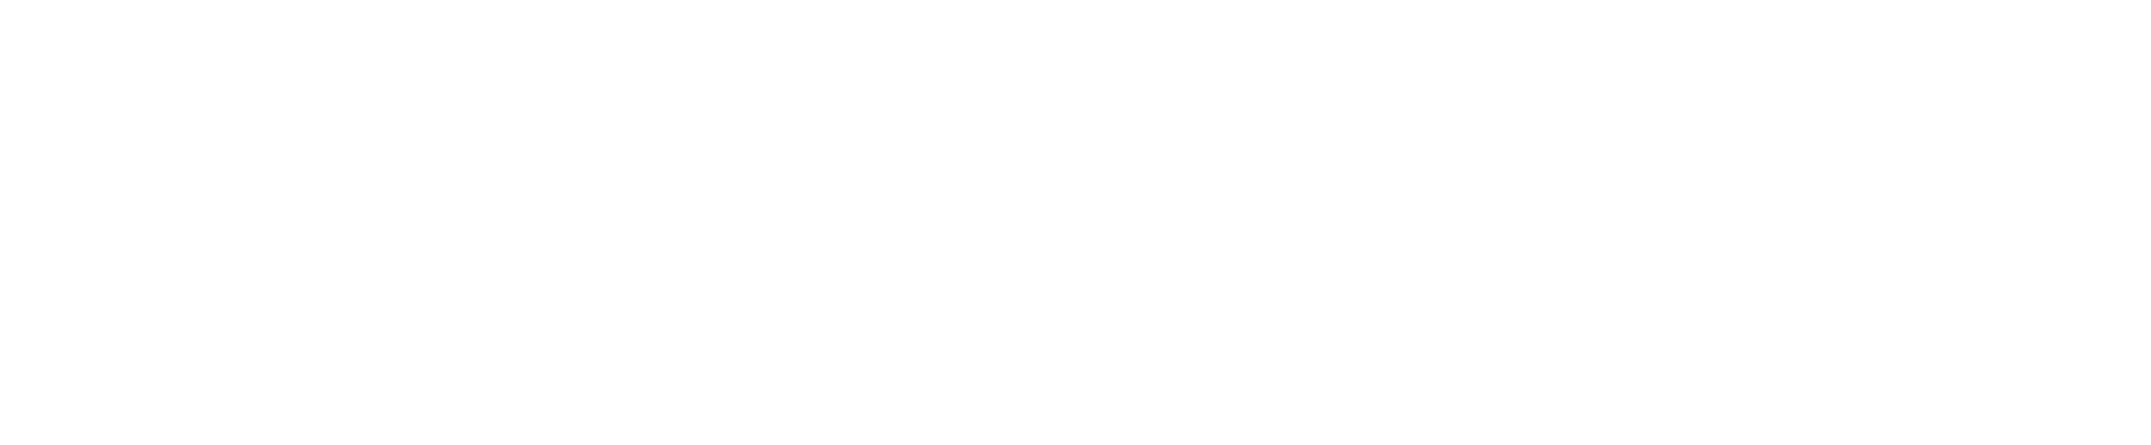 Breedworden.nl